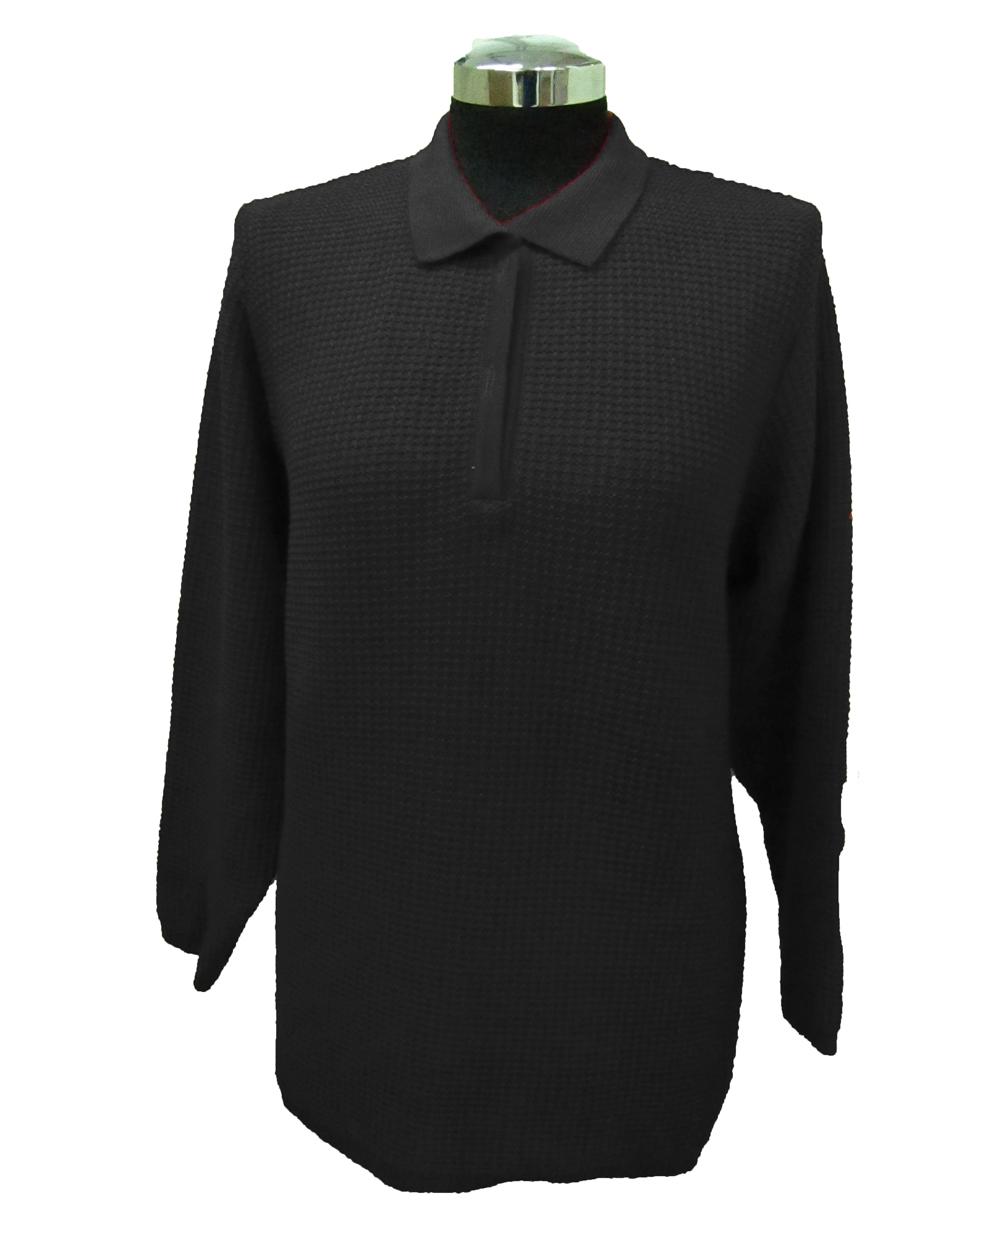 Maglia Polo Lavorazione 13 Nero - Black Polo Sweater Work 13